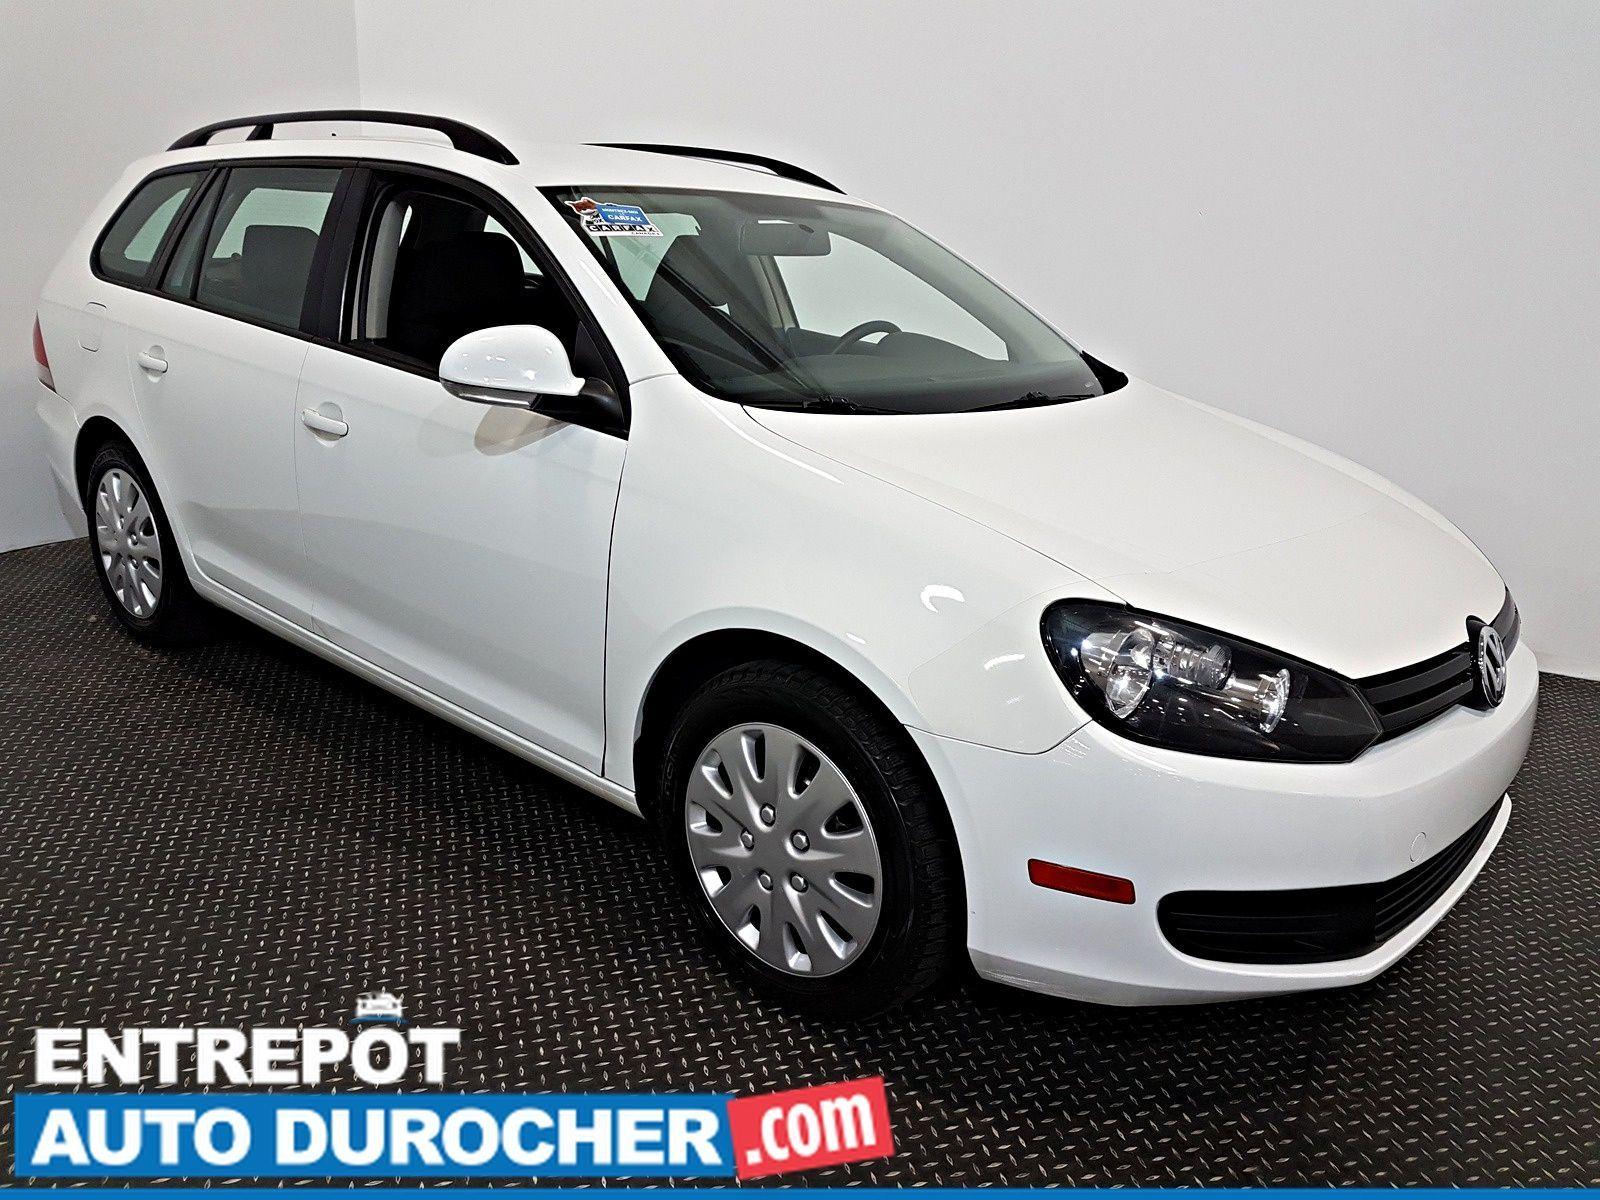 2014 Volkswagen Golf wagon Trendline AIR CLIMATISÉ - Groupe Électrique - Sièges Chauffants